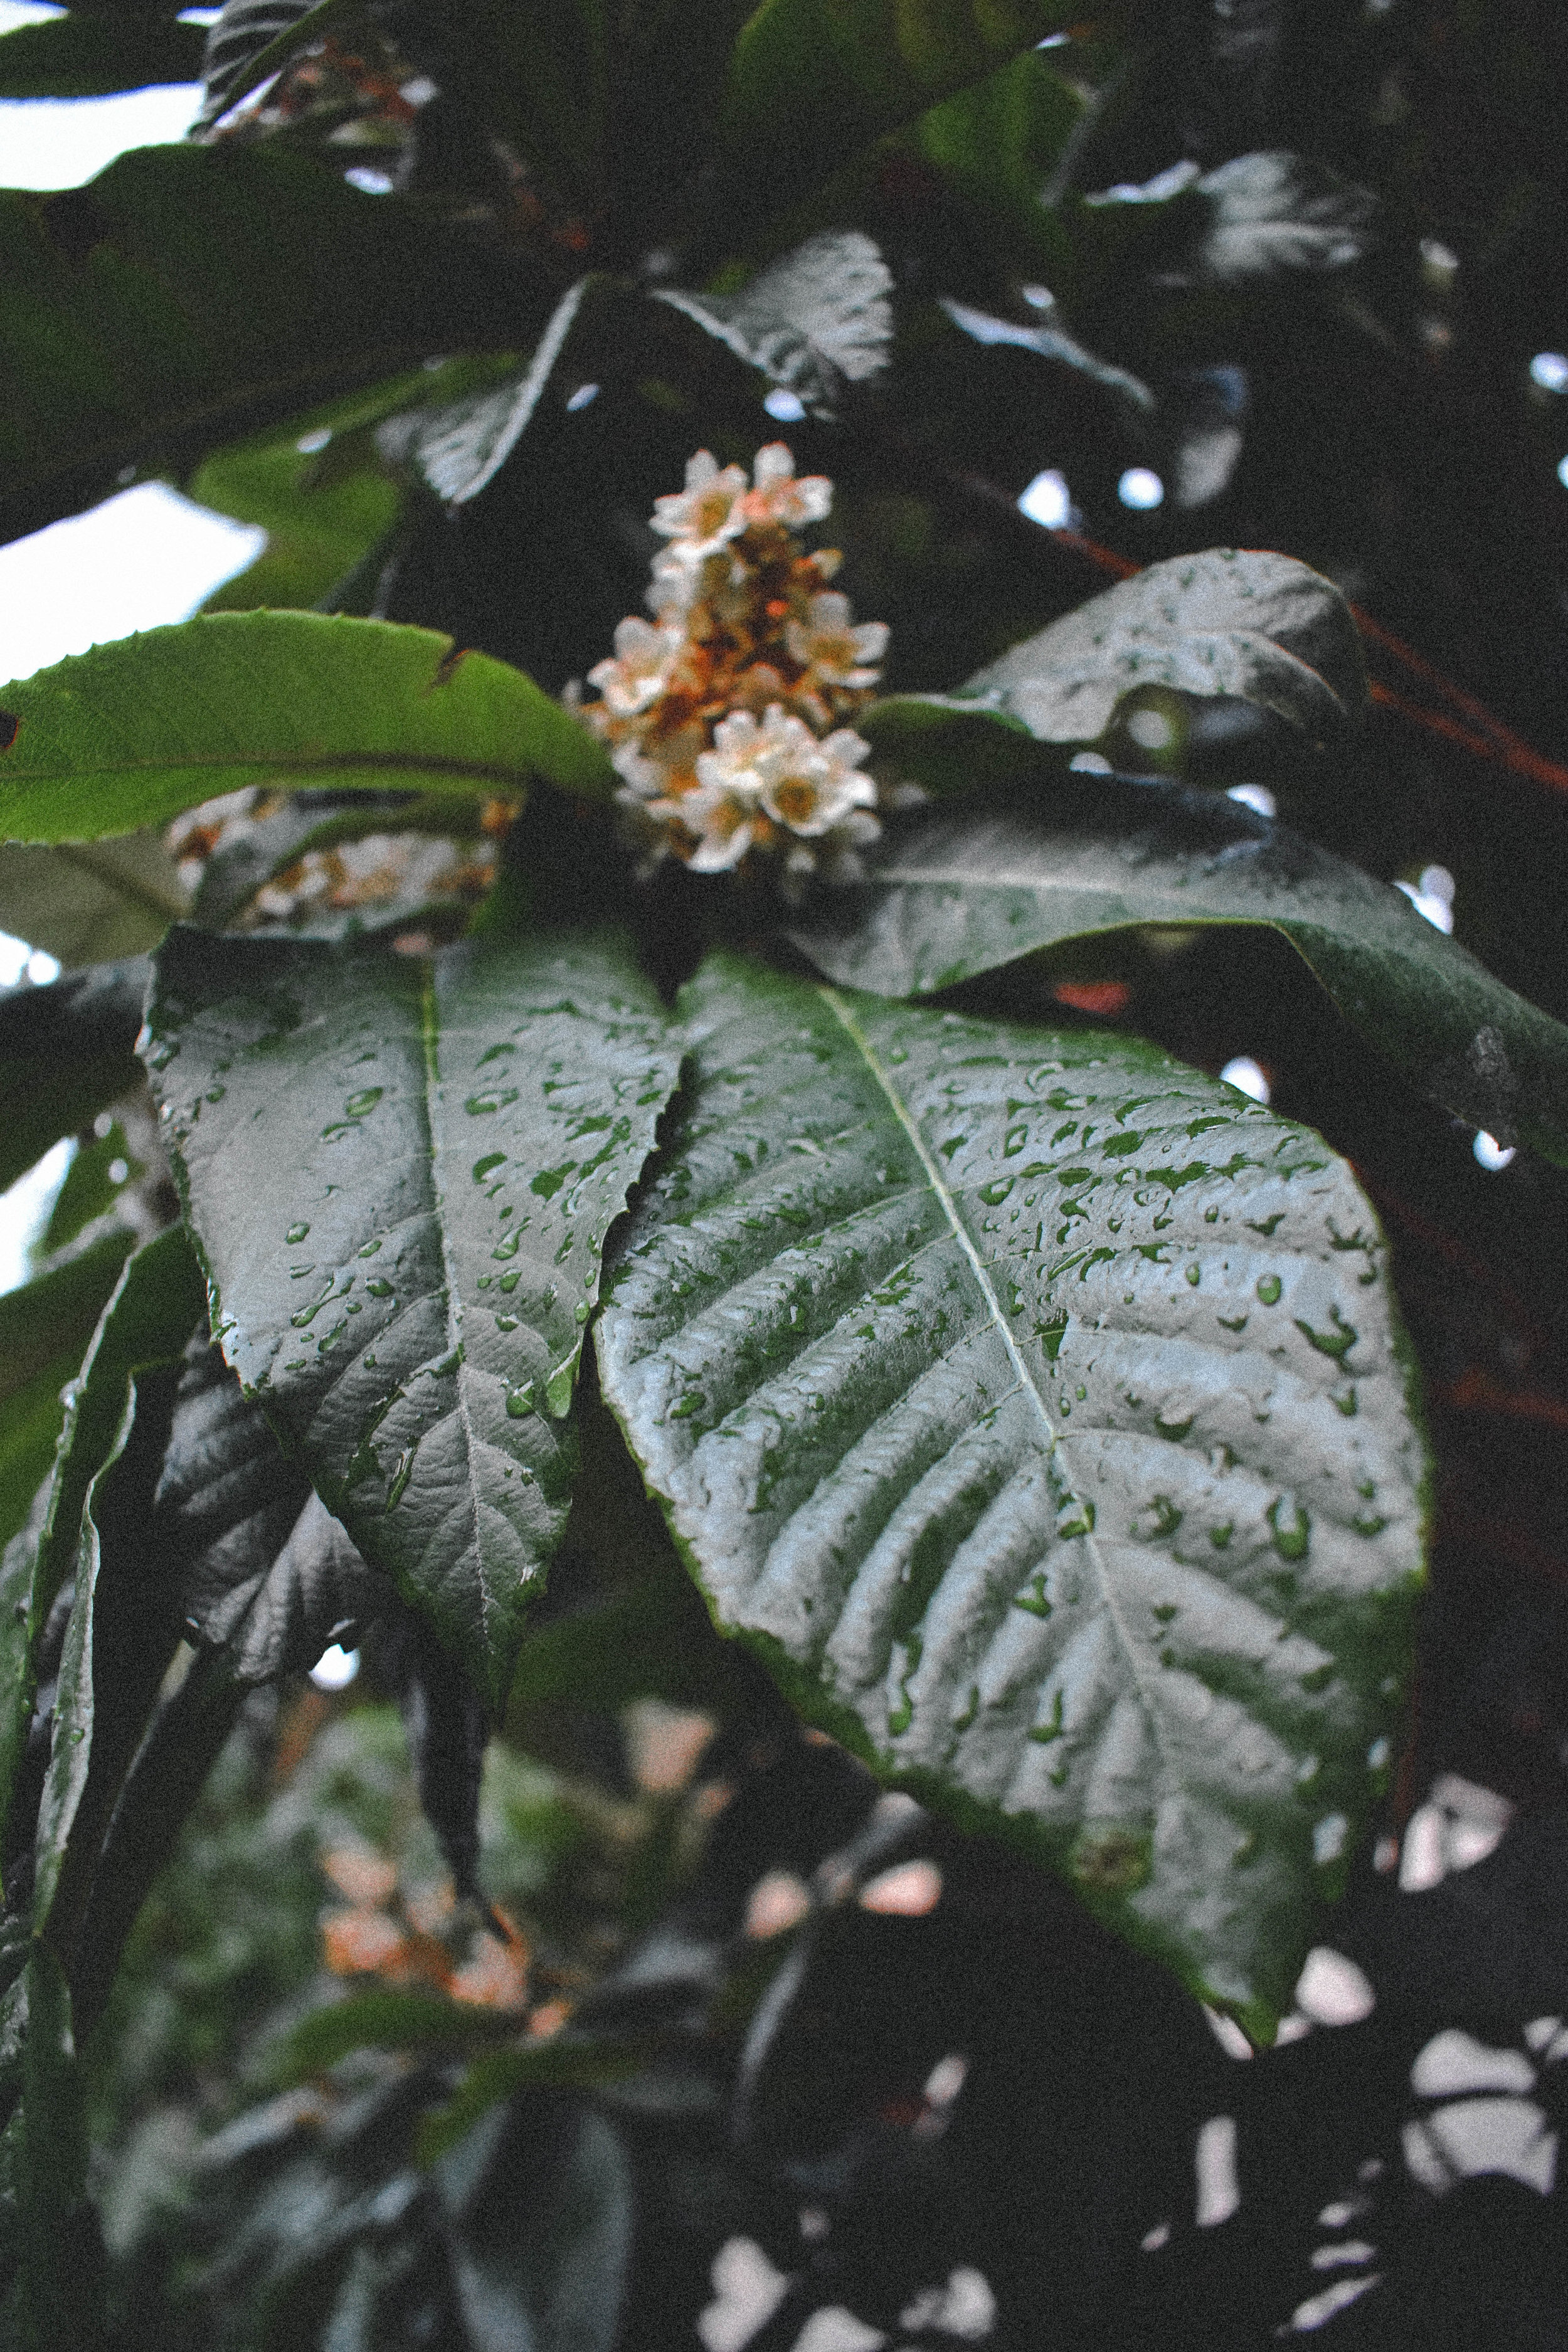 foliage2-1-of-1_31071595255_o.jpg